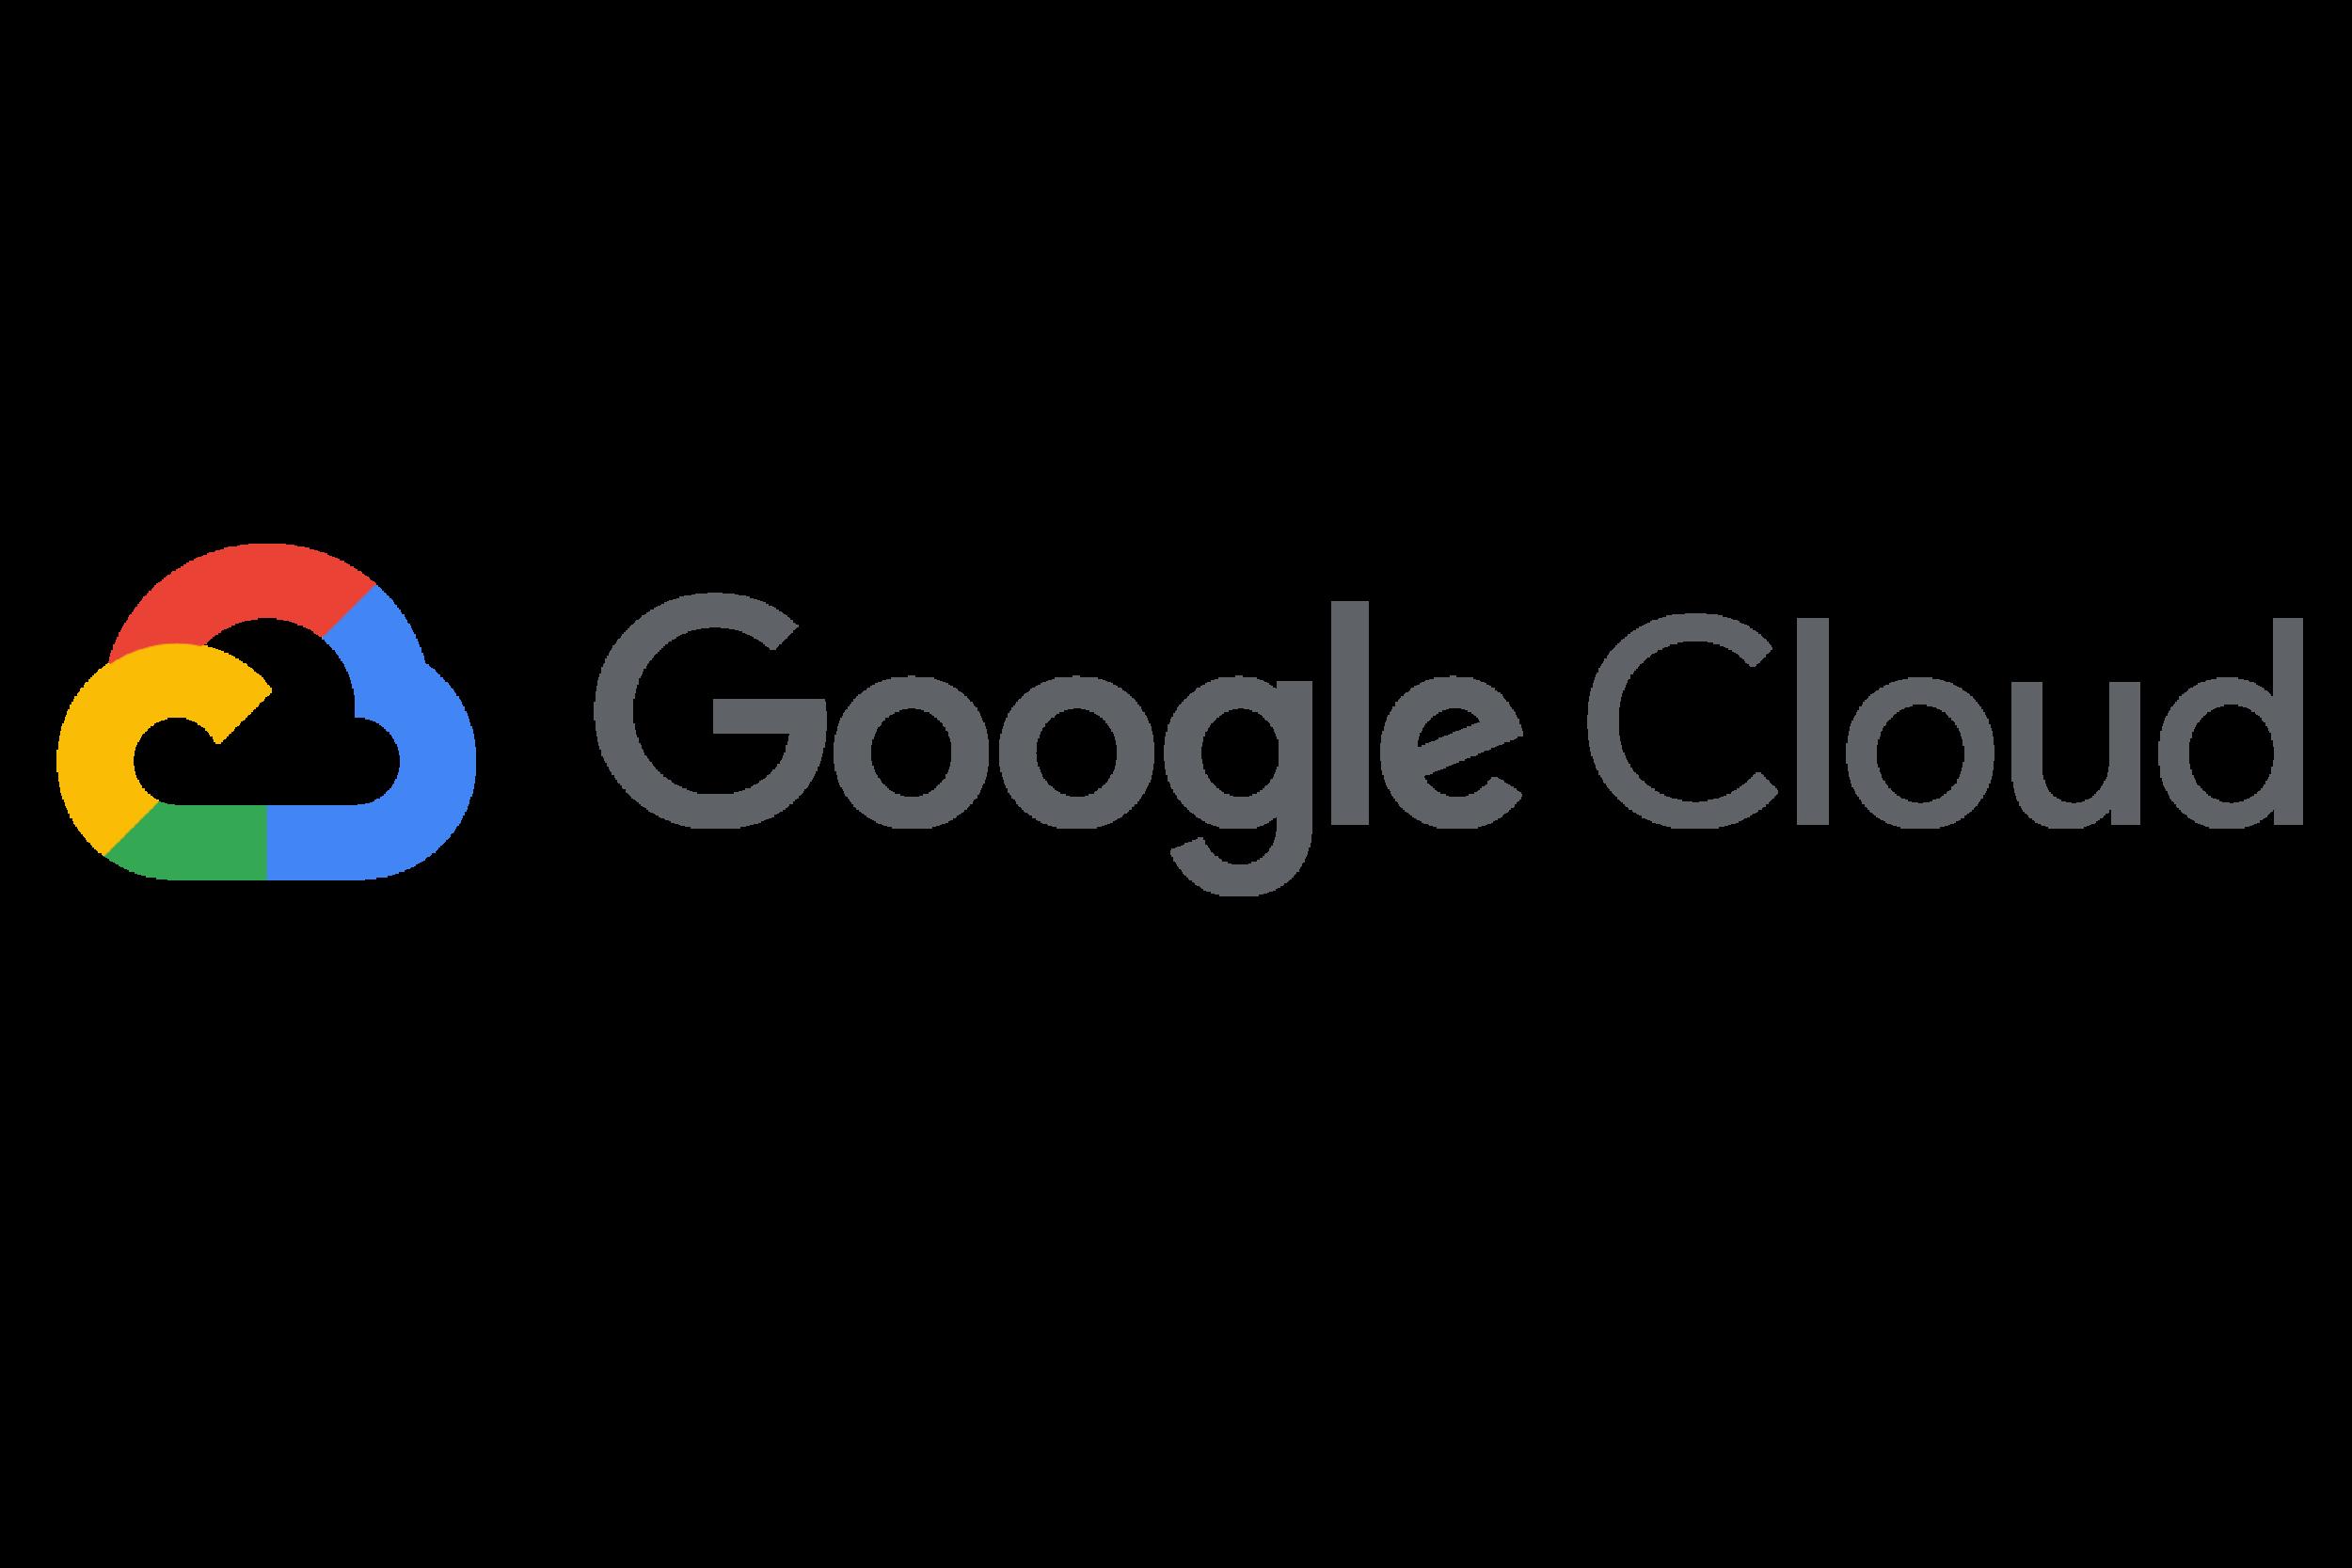 Logos_MASTER_Google Cloud.png